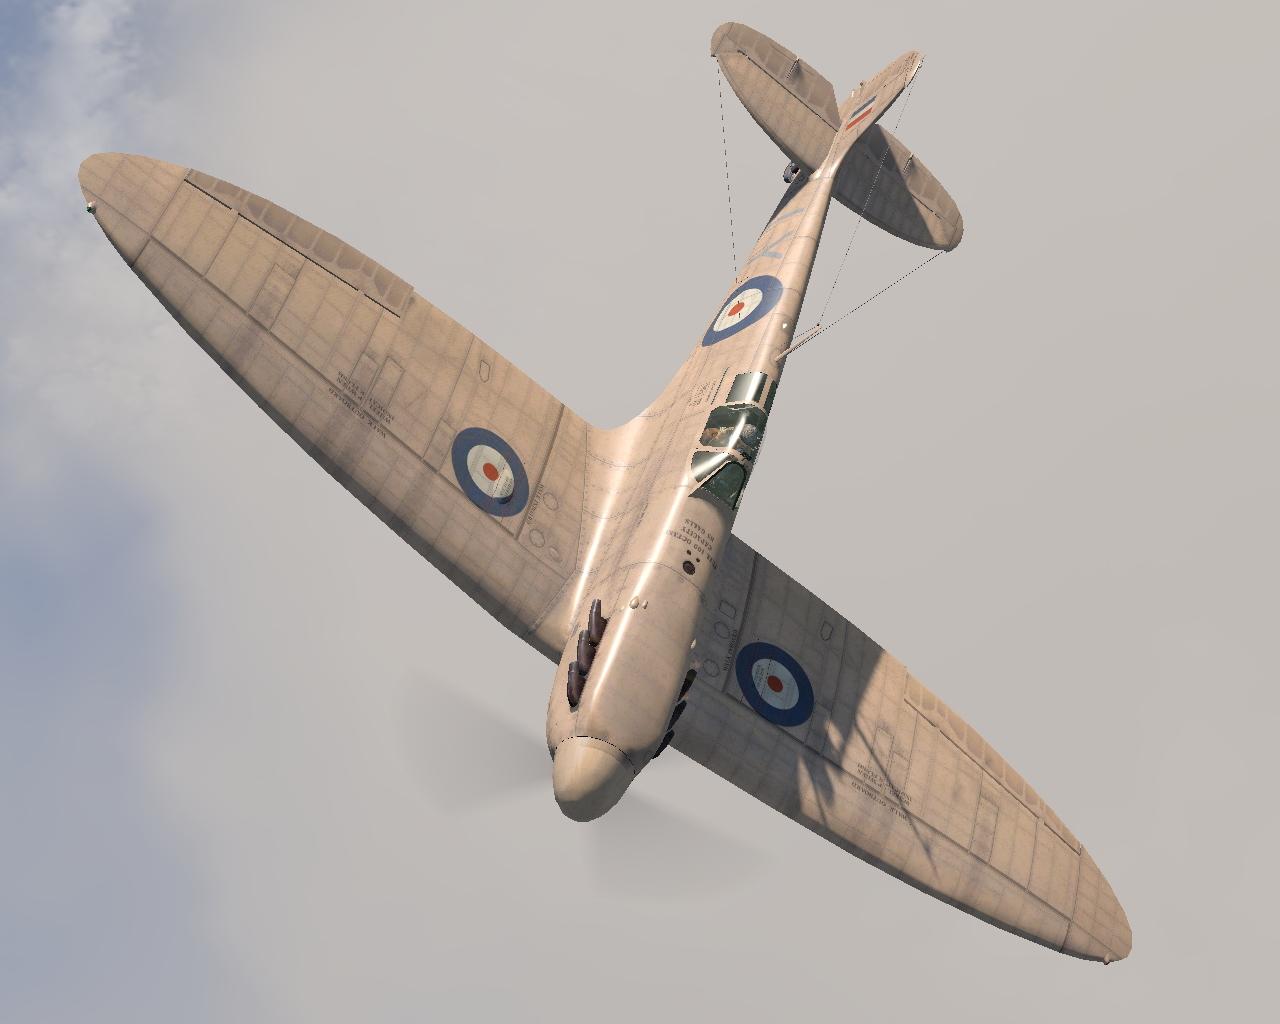 COD MS Spitfire PRIG RAF 1PRU LY R7059 St Eval Cornwall England 1941 V0A